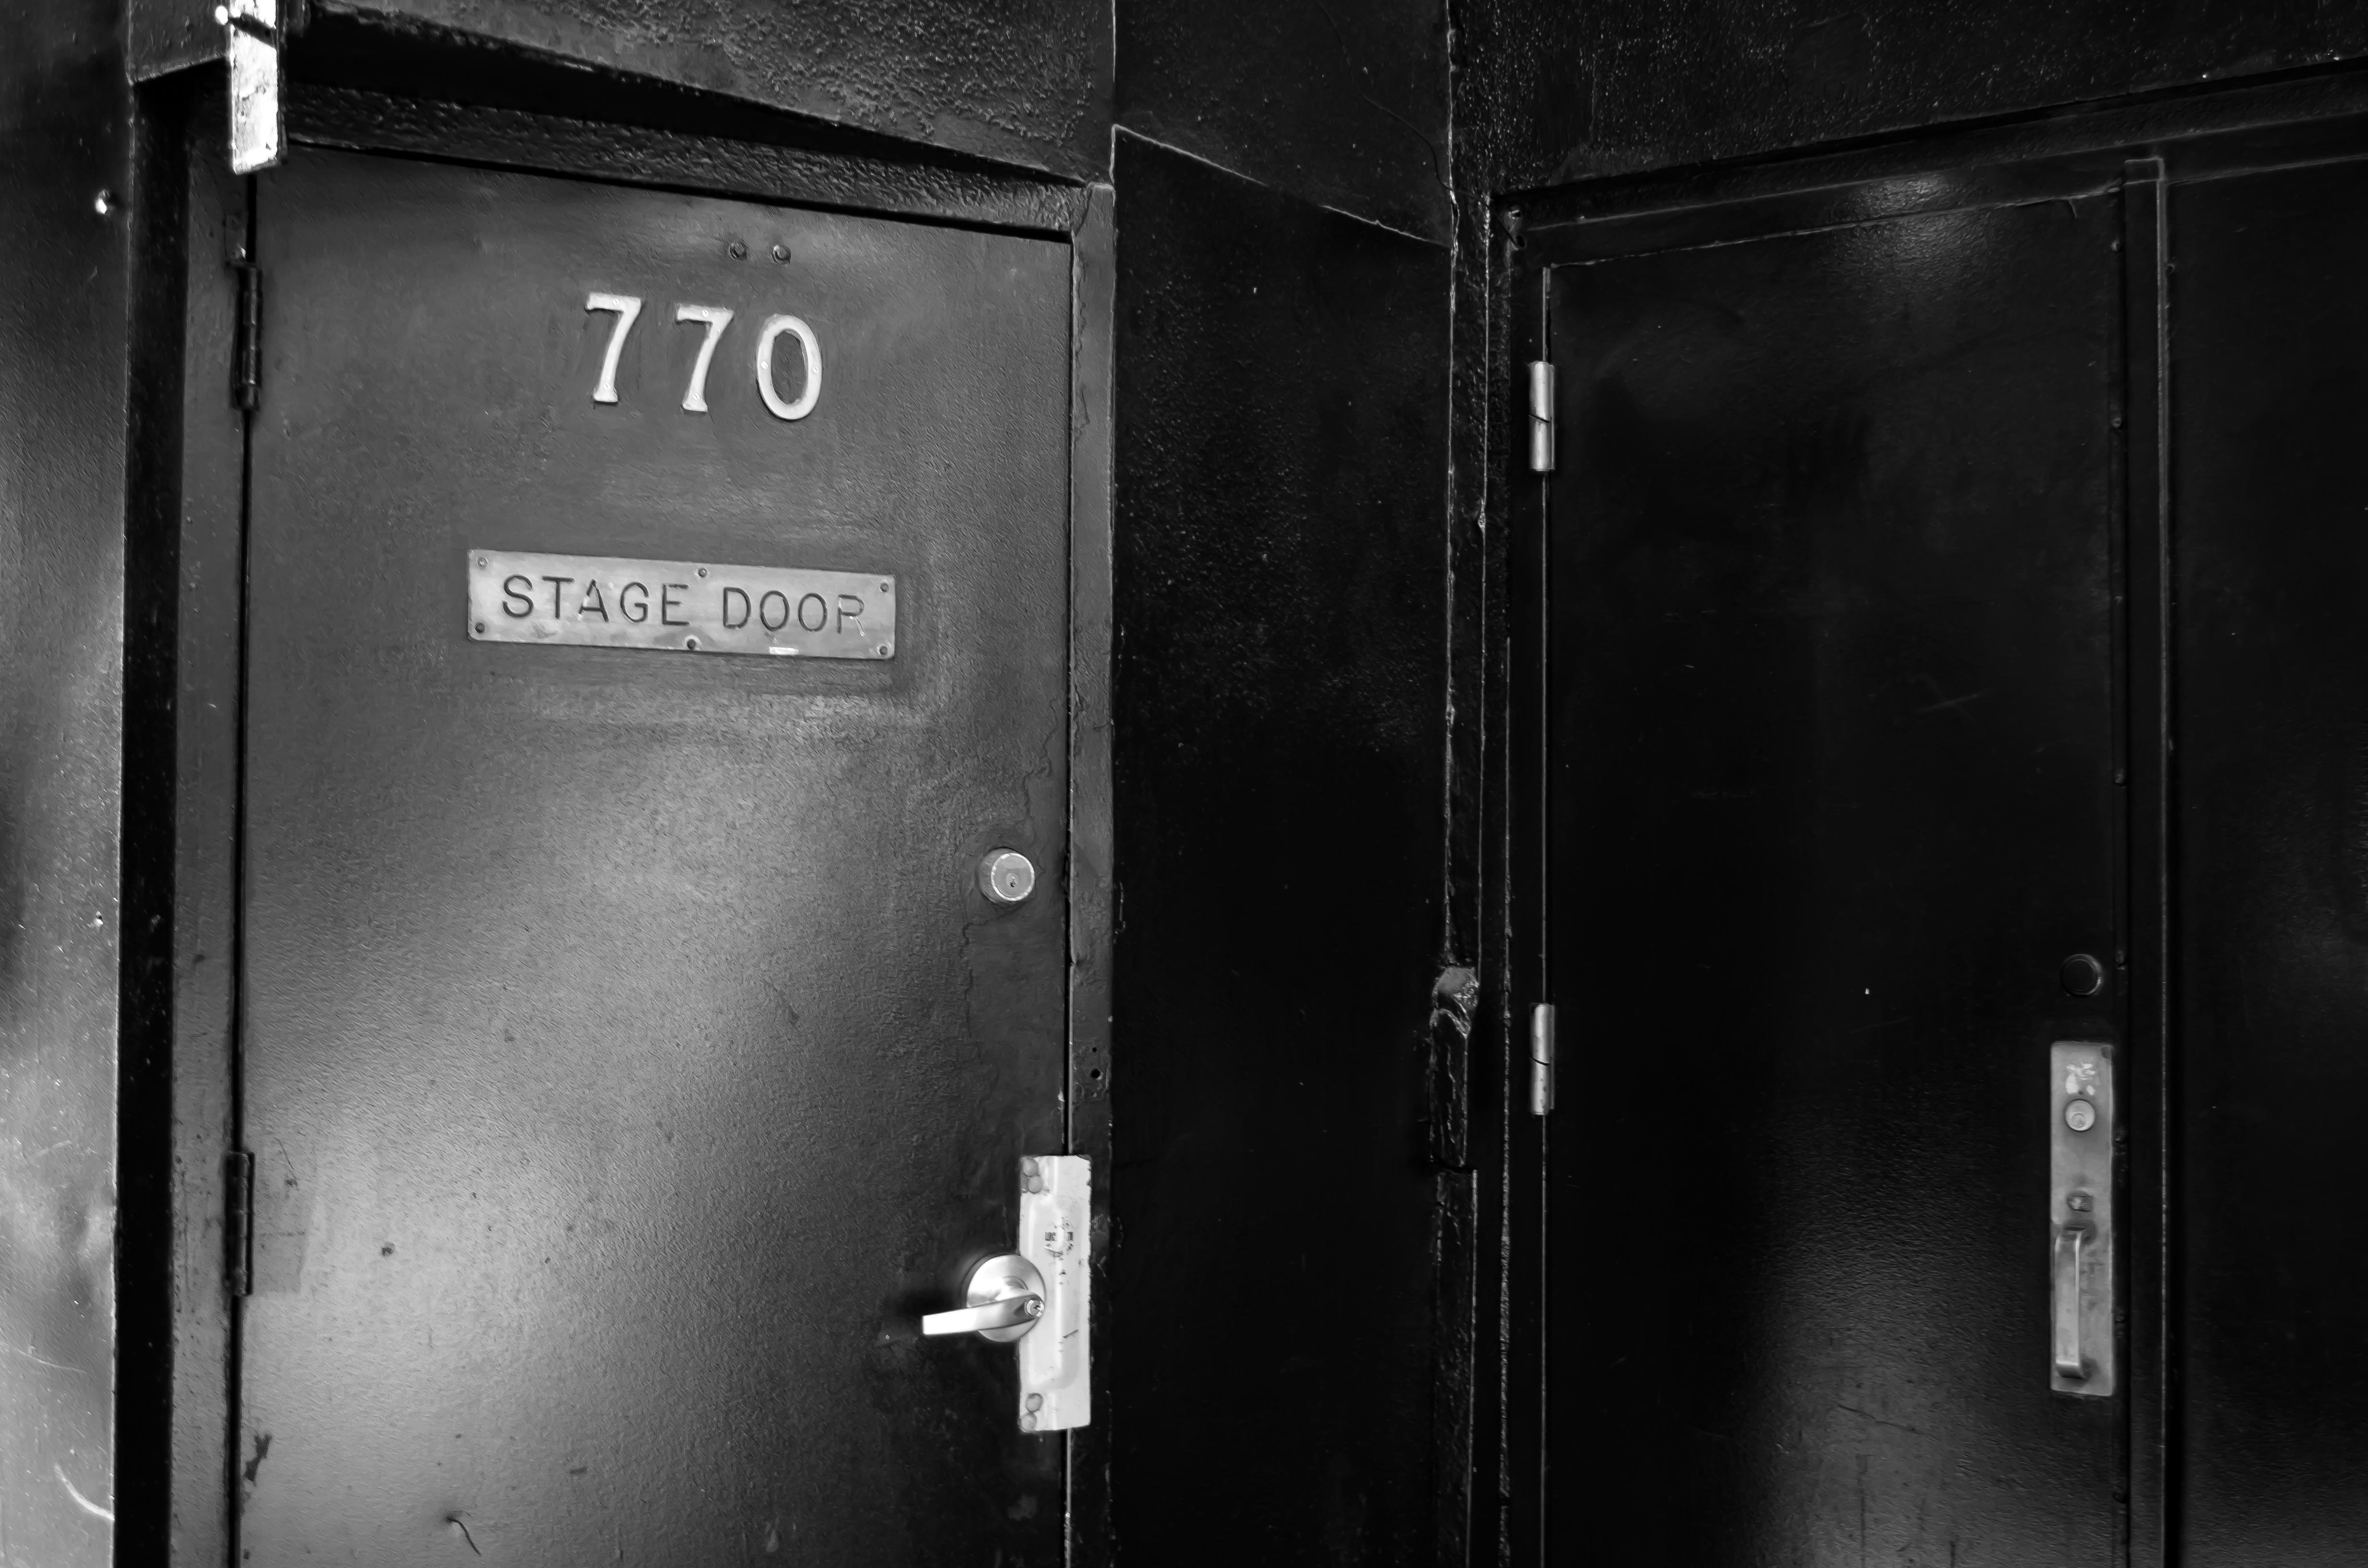 Winter Garden Theatre (Broadway) - Theater Information Stage Door